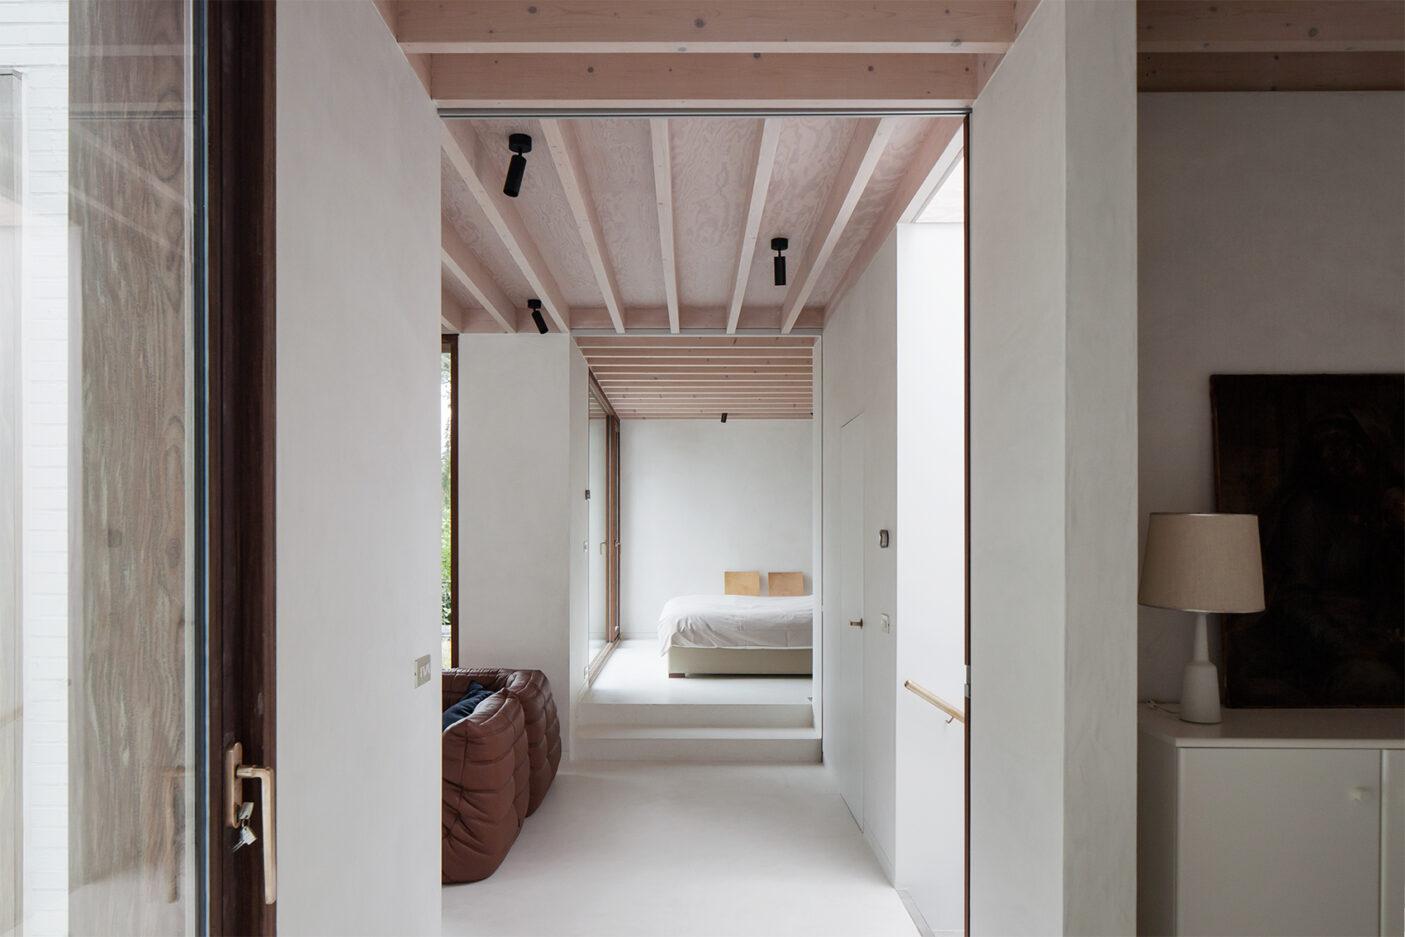 House-For-LD-1.jpg